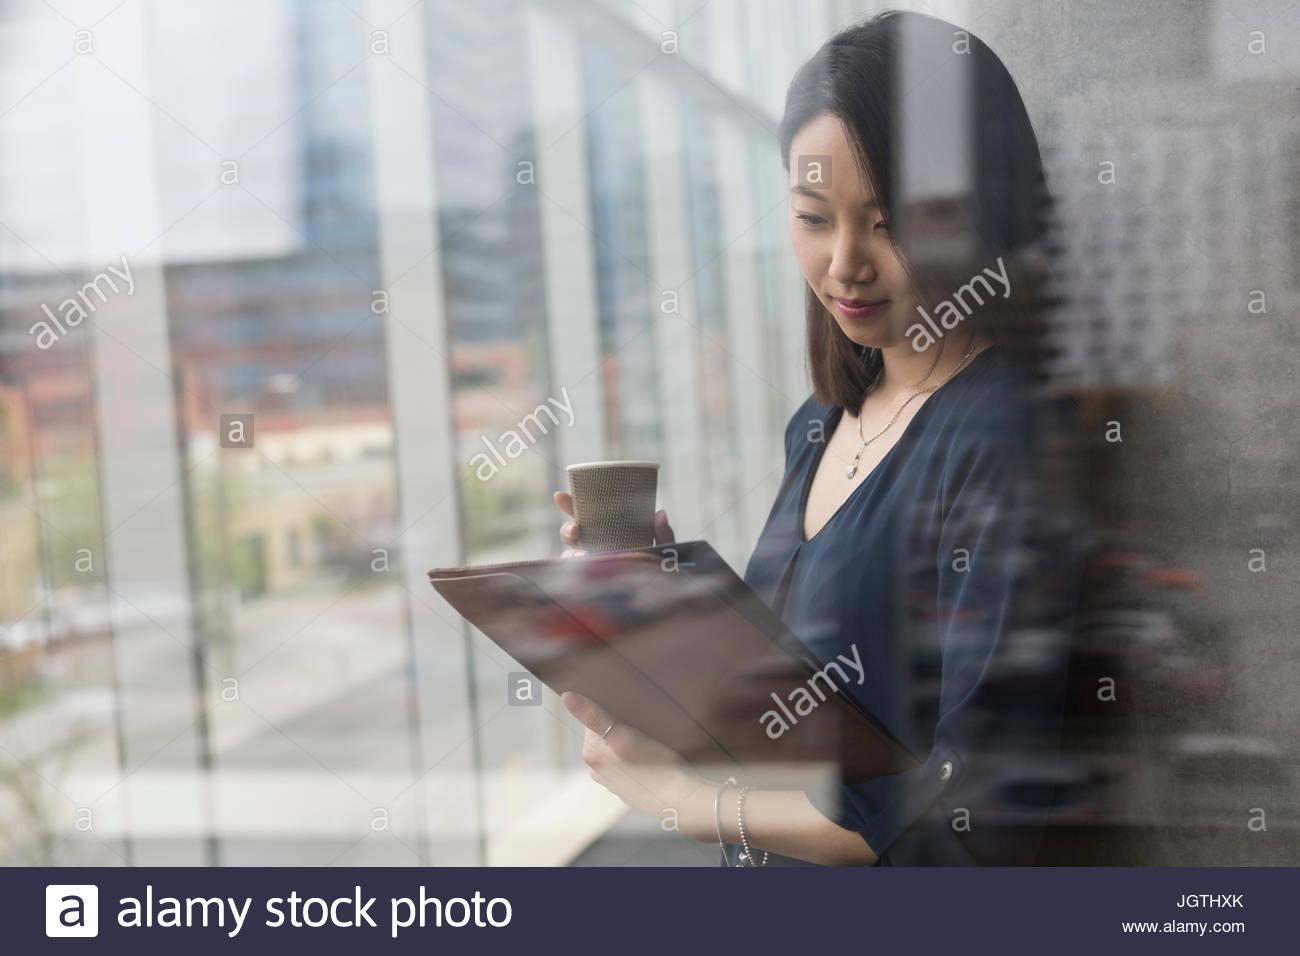 Businesswoman with digital tablet boire espresso dans fenêtre de bureau Photo Stock